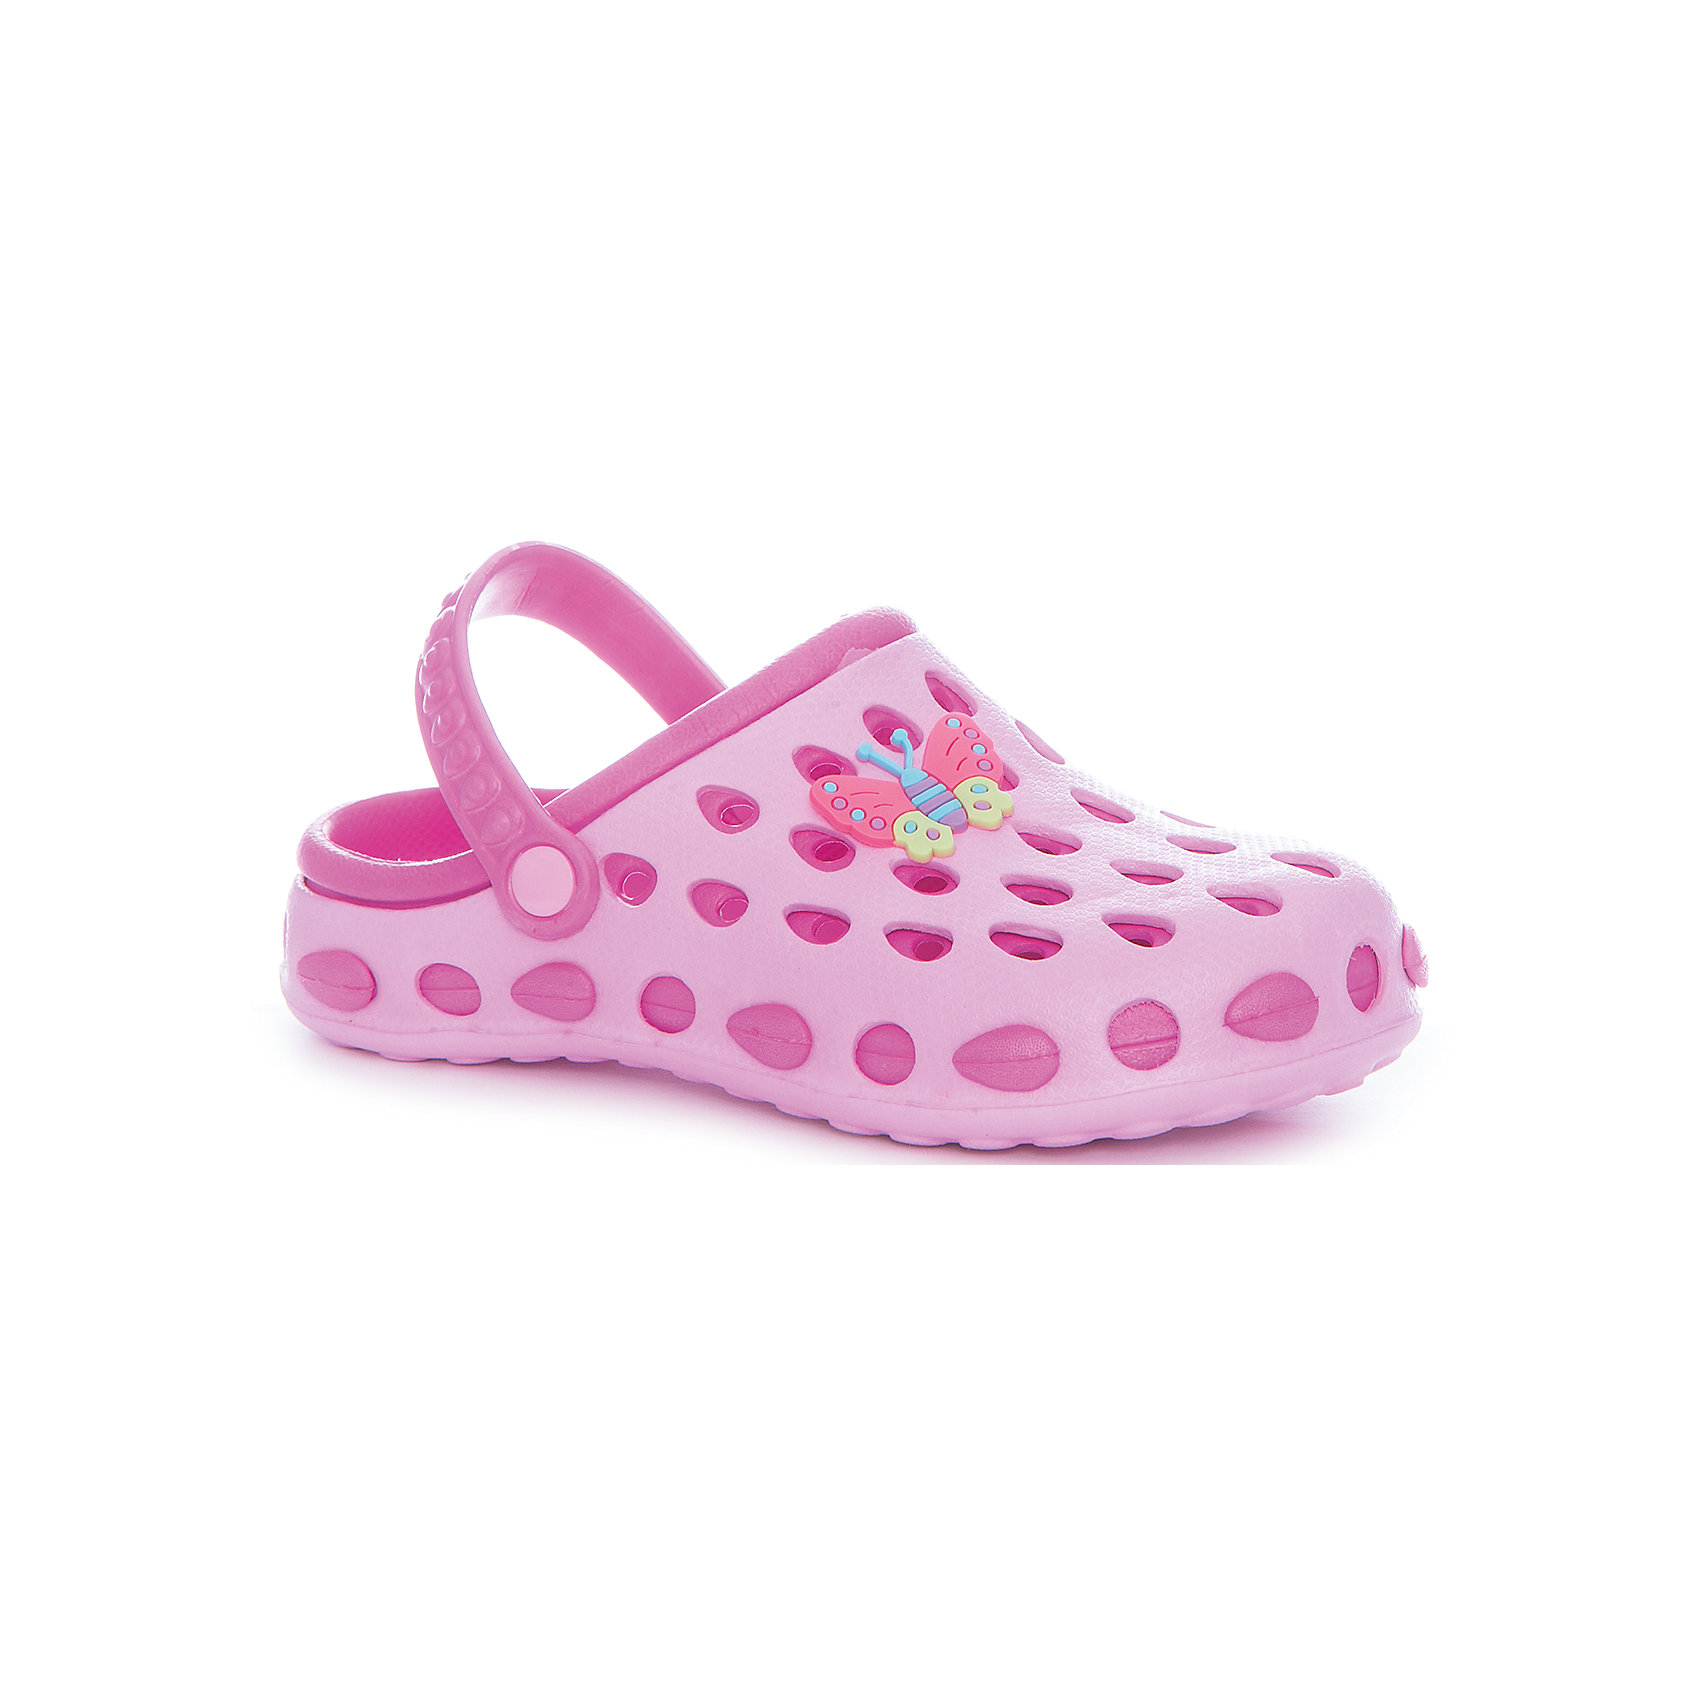 Шлепанцы пляжные для девочки MURSUХарактеристики товара:<br><br>• цвет: розовый<br>• внешний материал: ЭВА<br>• внутренний материал: ЭВА<br>• стелька: ЭВА<br>• подошва: ЭВА<br>• облегчённая модель<br>• подходит для пляжа <br>• удобная фиксация пятки<br>• отверстия для вентиляции<br>• устойчивая подошва<br>• страна бренда: Финляндия<br>• страна изгтовитель: Китай<br><br>Детям для правильного развития стопы и всего организма необходима качественная обувь. Эта удобная пляжная обувь поможет создать ногам ребенка комфортные условия, благодаря продуманной конструкции она отлично сидит на ноге. Это отличный вариант правильной и красивой детской обуви!<br><br>Сабо от финского бренда MURSU (МУРСУ) можно купить в нашем интернет-магазине.<br><br>Ширина мм: 248<br>Глубина мм: 135<br>Высота мм: 147<br>Вес г: 256<br>Цвет: розовый<br>Возраст от месяцев: 132<br>Возраст до месяцев: 144<br>Пол: Женский<br>Возраст: Детский<br>Размер: 35,30,31,32,33,34<br>SKU: 5326044